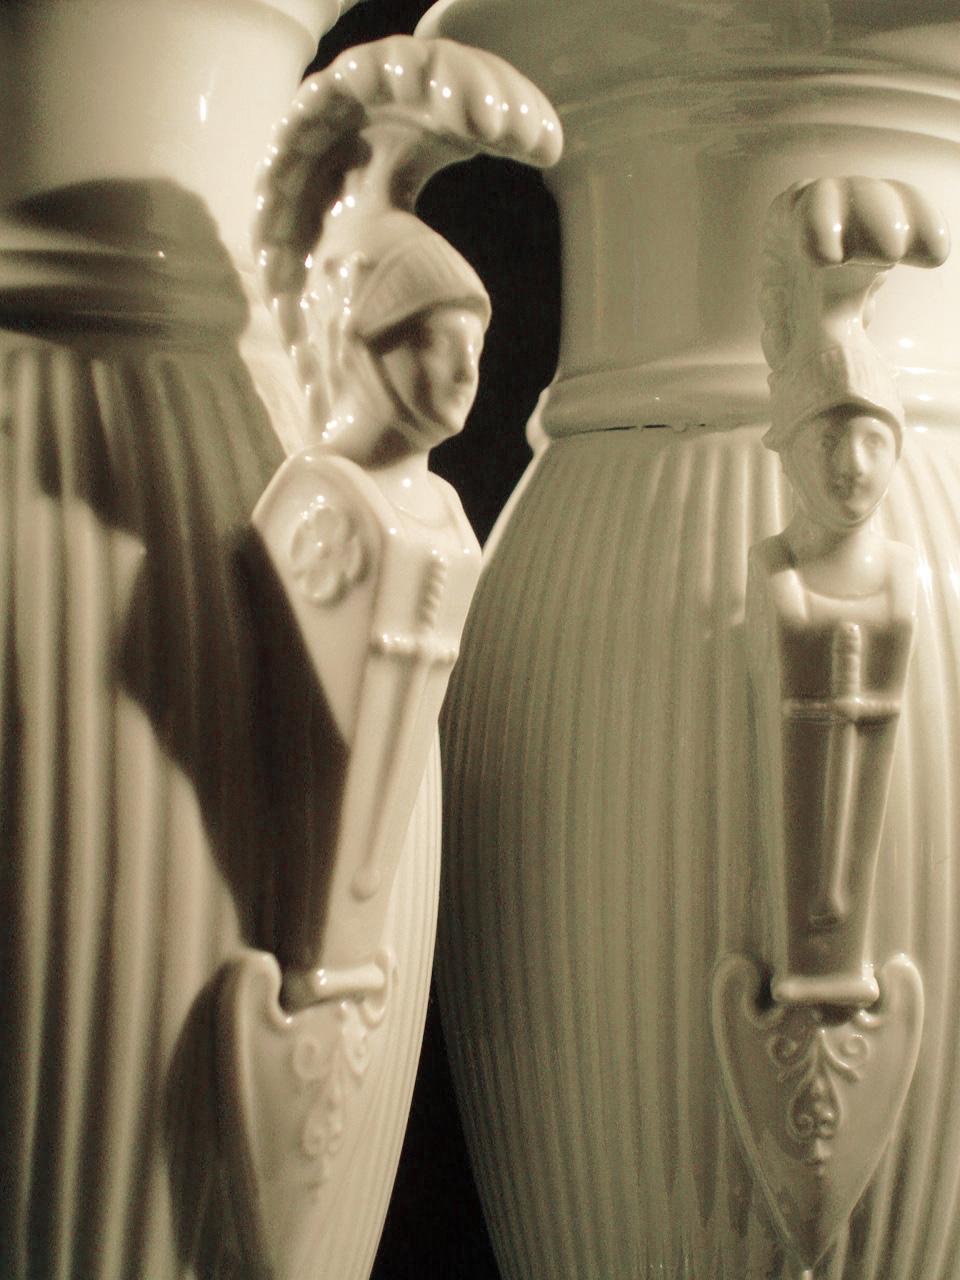 Vases en porcelaine blanche (détail). XIXe siècle. Collection Olivier Berni Intérieurs